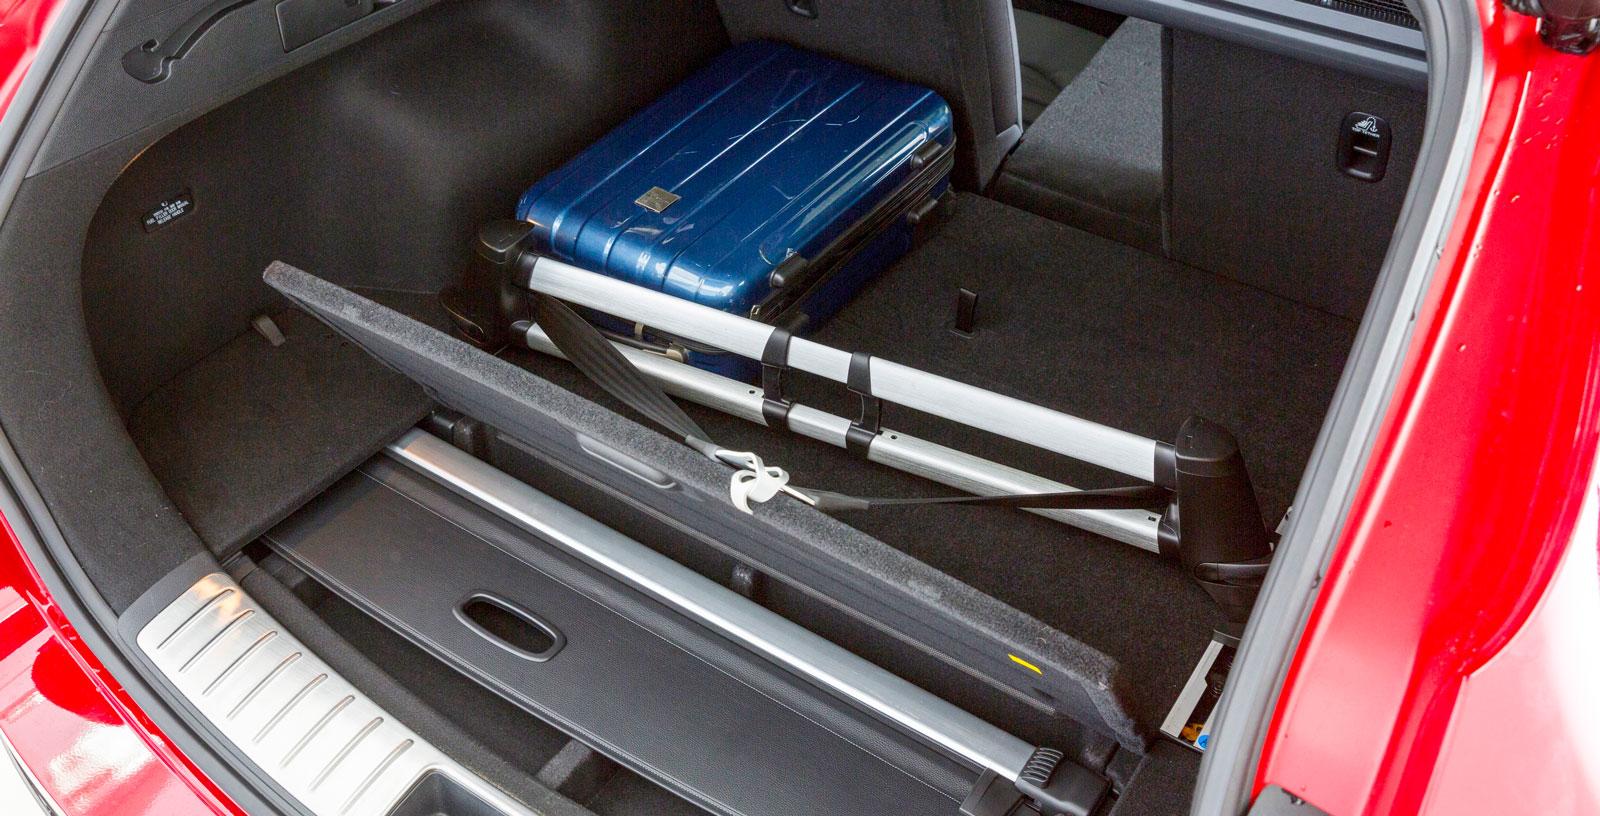 Bagageutrymmet är välplanerat med bakre ryggstöd delat 40/20/40 och särskild plats för insynsskyddet.Justerbart lastfixeringssystem och lastförskjutningsnät är standard. Elmanövrerad baklucka är också standard i GT Line. Luckan öppnas automatiskt när man står bakom bilen med nyckeln i fickan.